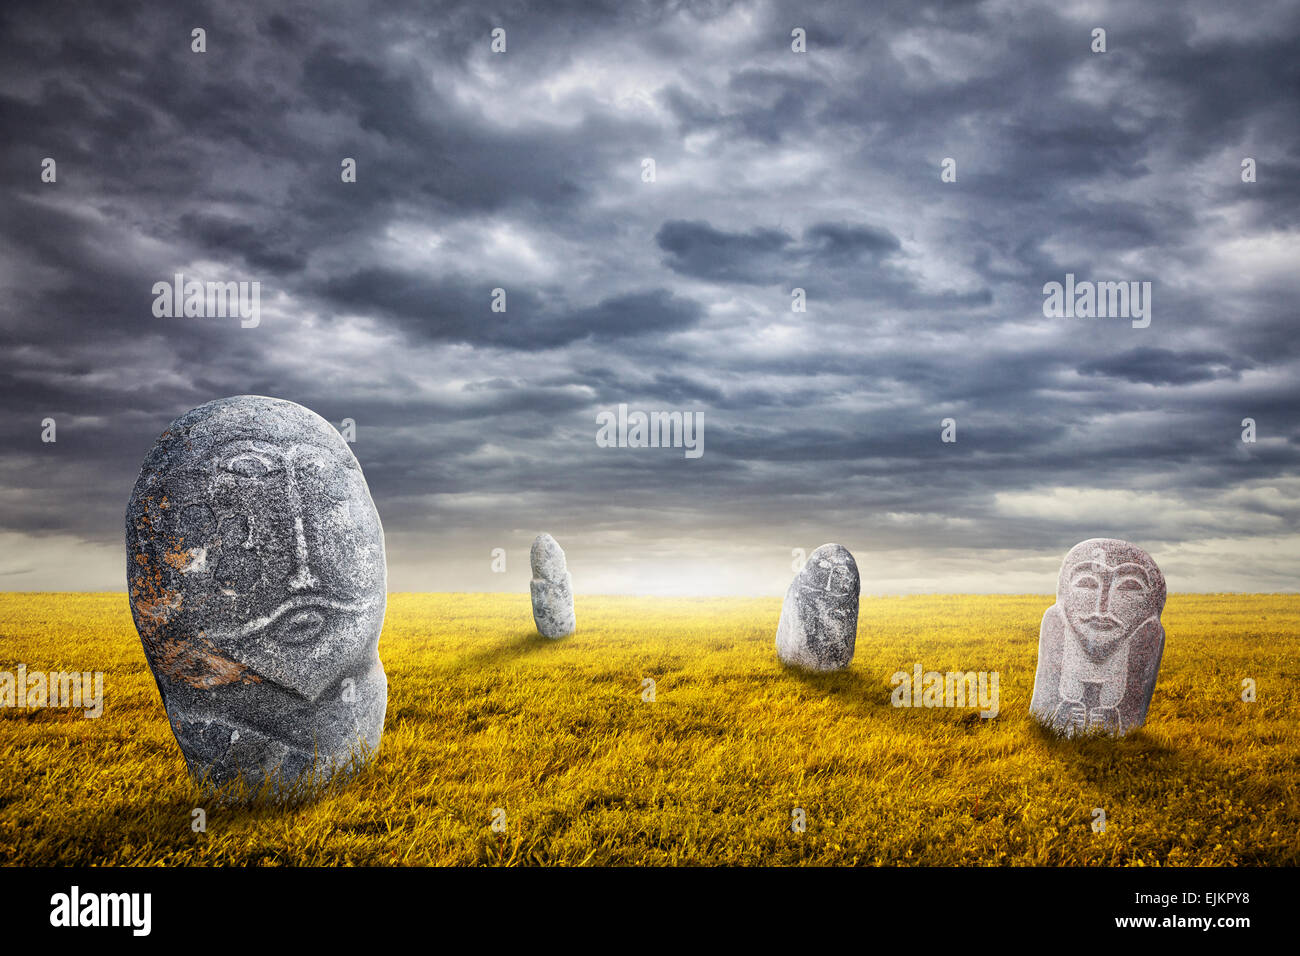 Antiche statue balbal sul campo al cielo nuvoloso in Asia centrale Immagini Stock